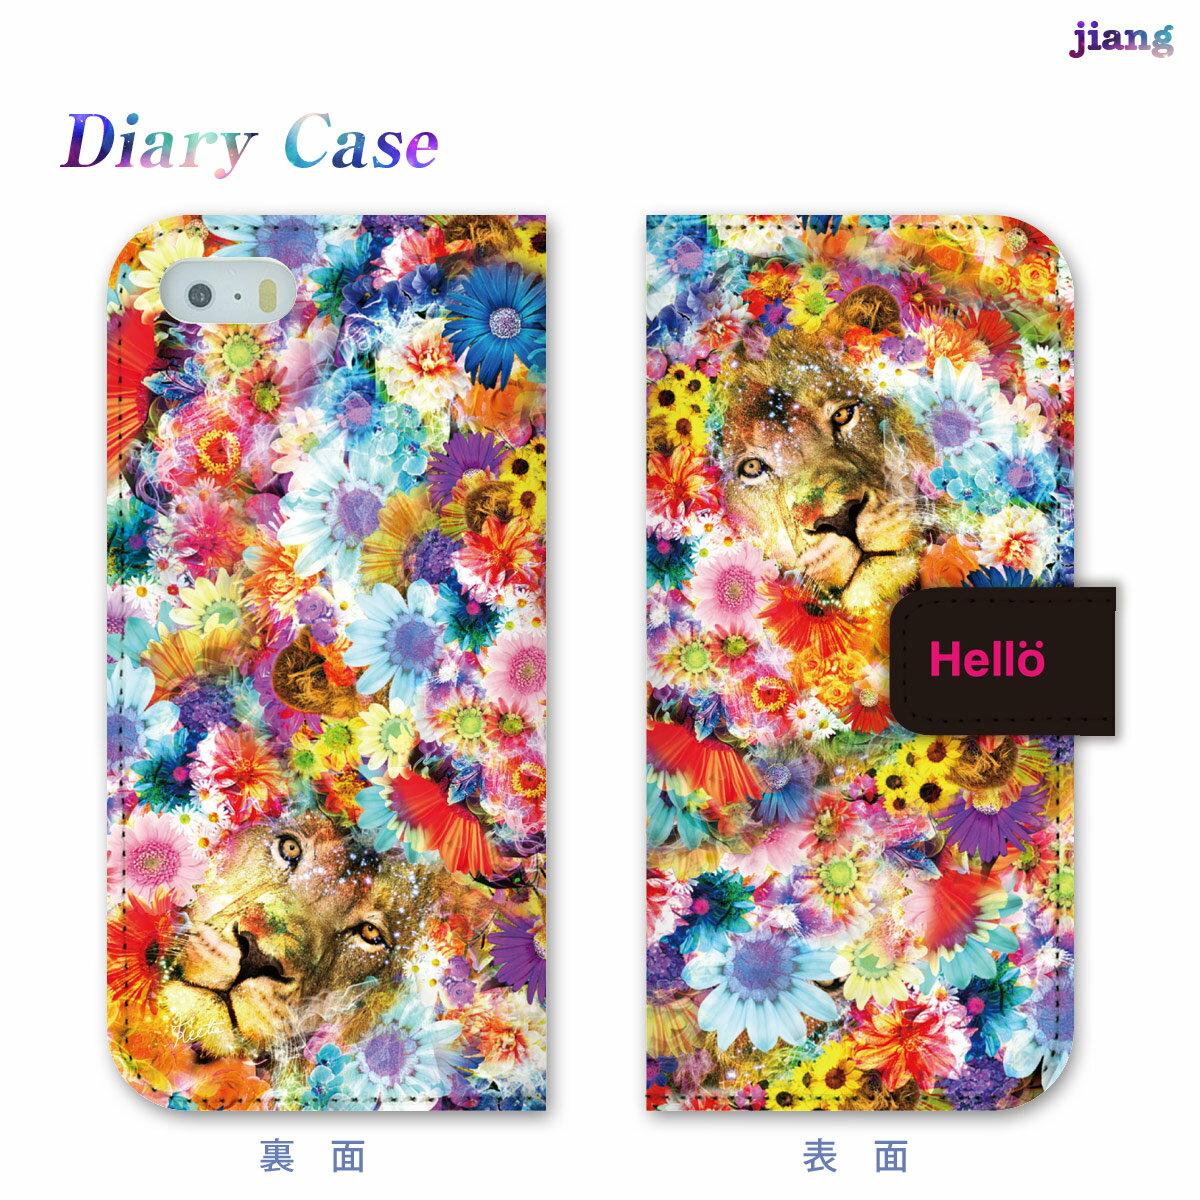 スマホケース 手帳型 全機種対応 手帳 ケース カバー レザー iPhone7 iPhone6s iPhone6 Plus iPhone SE iPhone5s Xperia X Performance SO-04H Z5 Z4 Z3 A4 SO-02H SO-01H SOV33 aquos SH-04H SHV34 Xx3 arrows F-03H galaxy keeta hide 84-ip5-ds0033